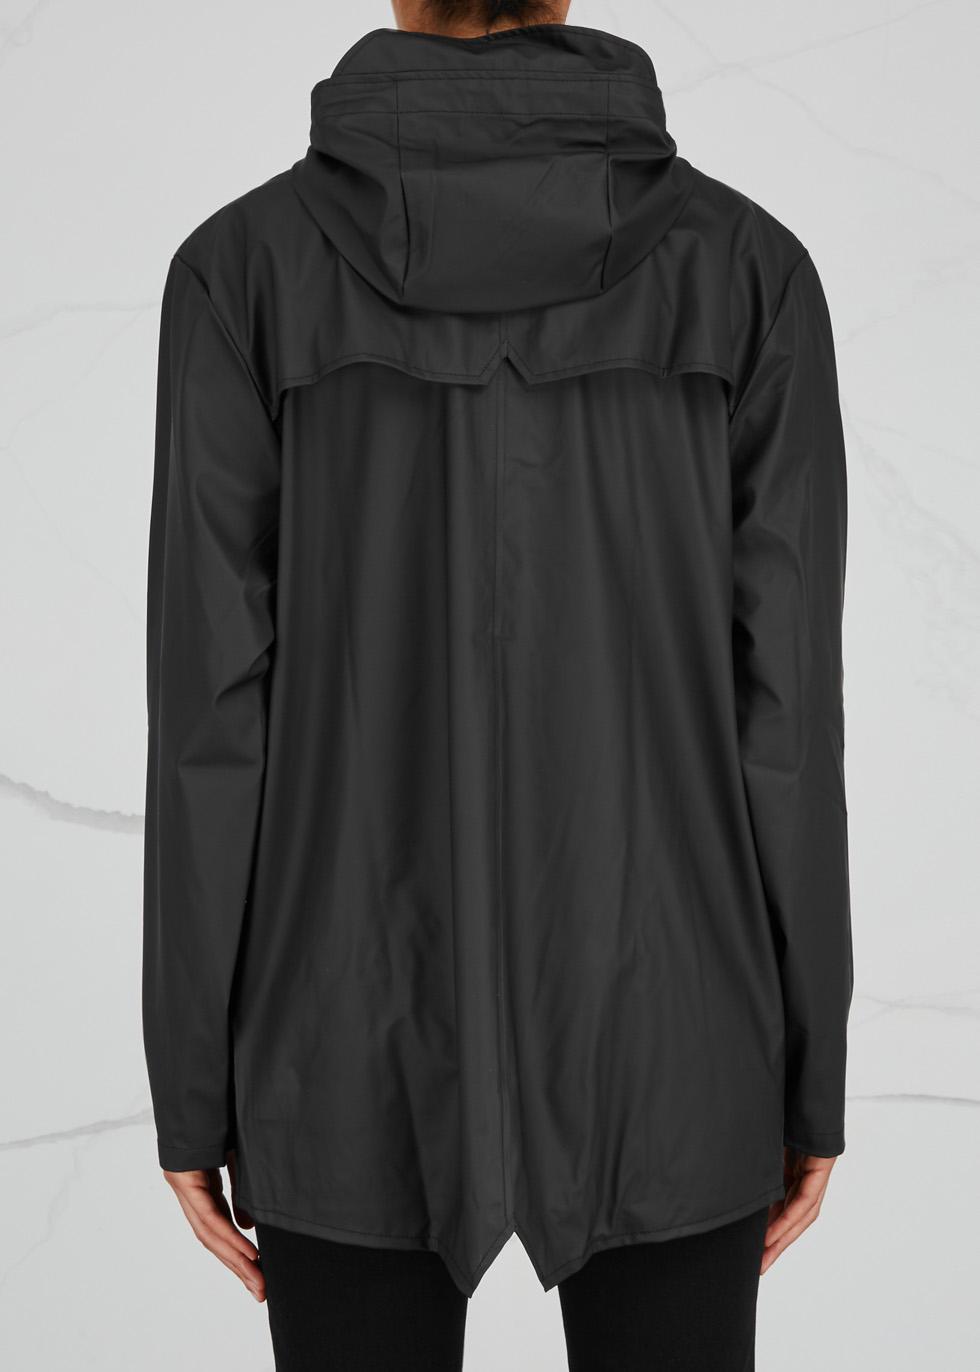 Black rubberised raincoat - Rains